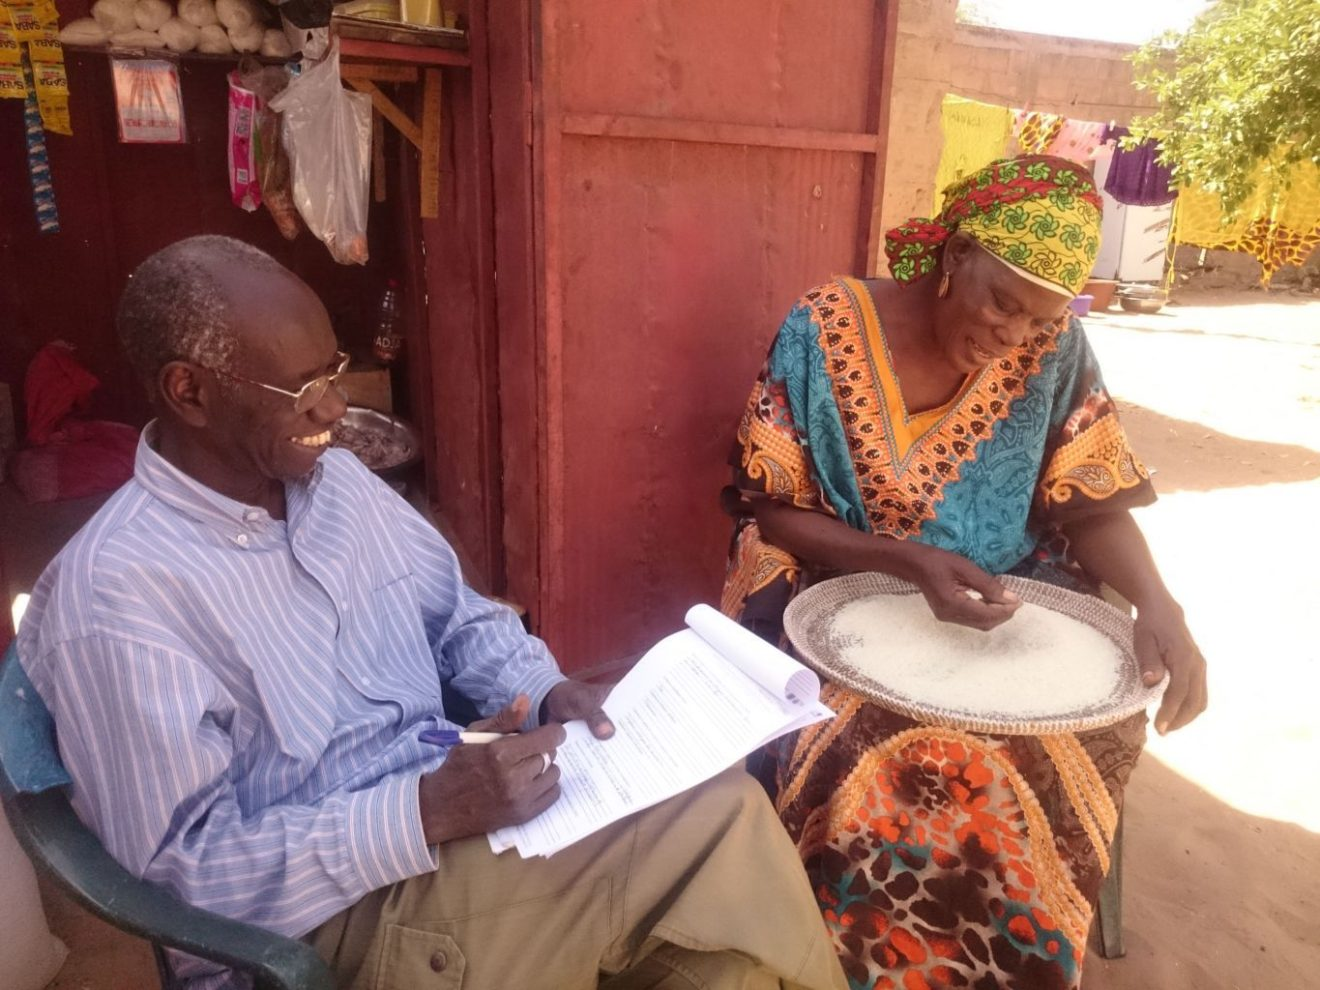 Nasce la nuova 'imprenditoria sociale' dei migranti in Senegal